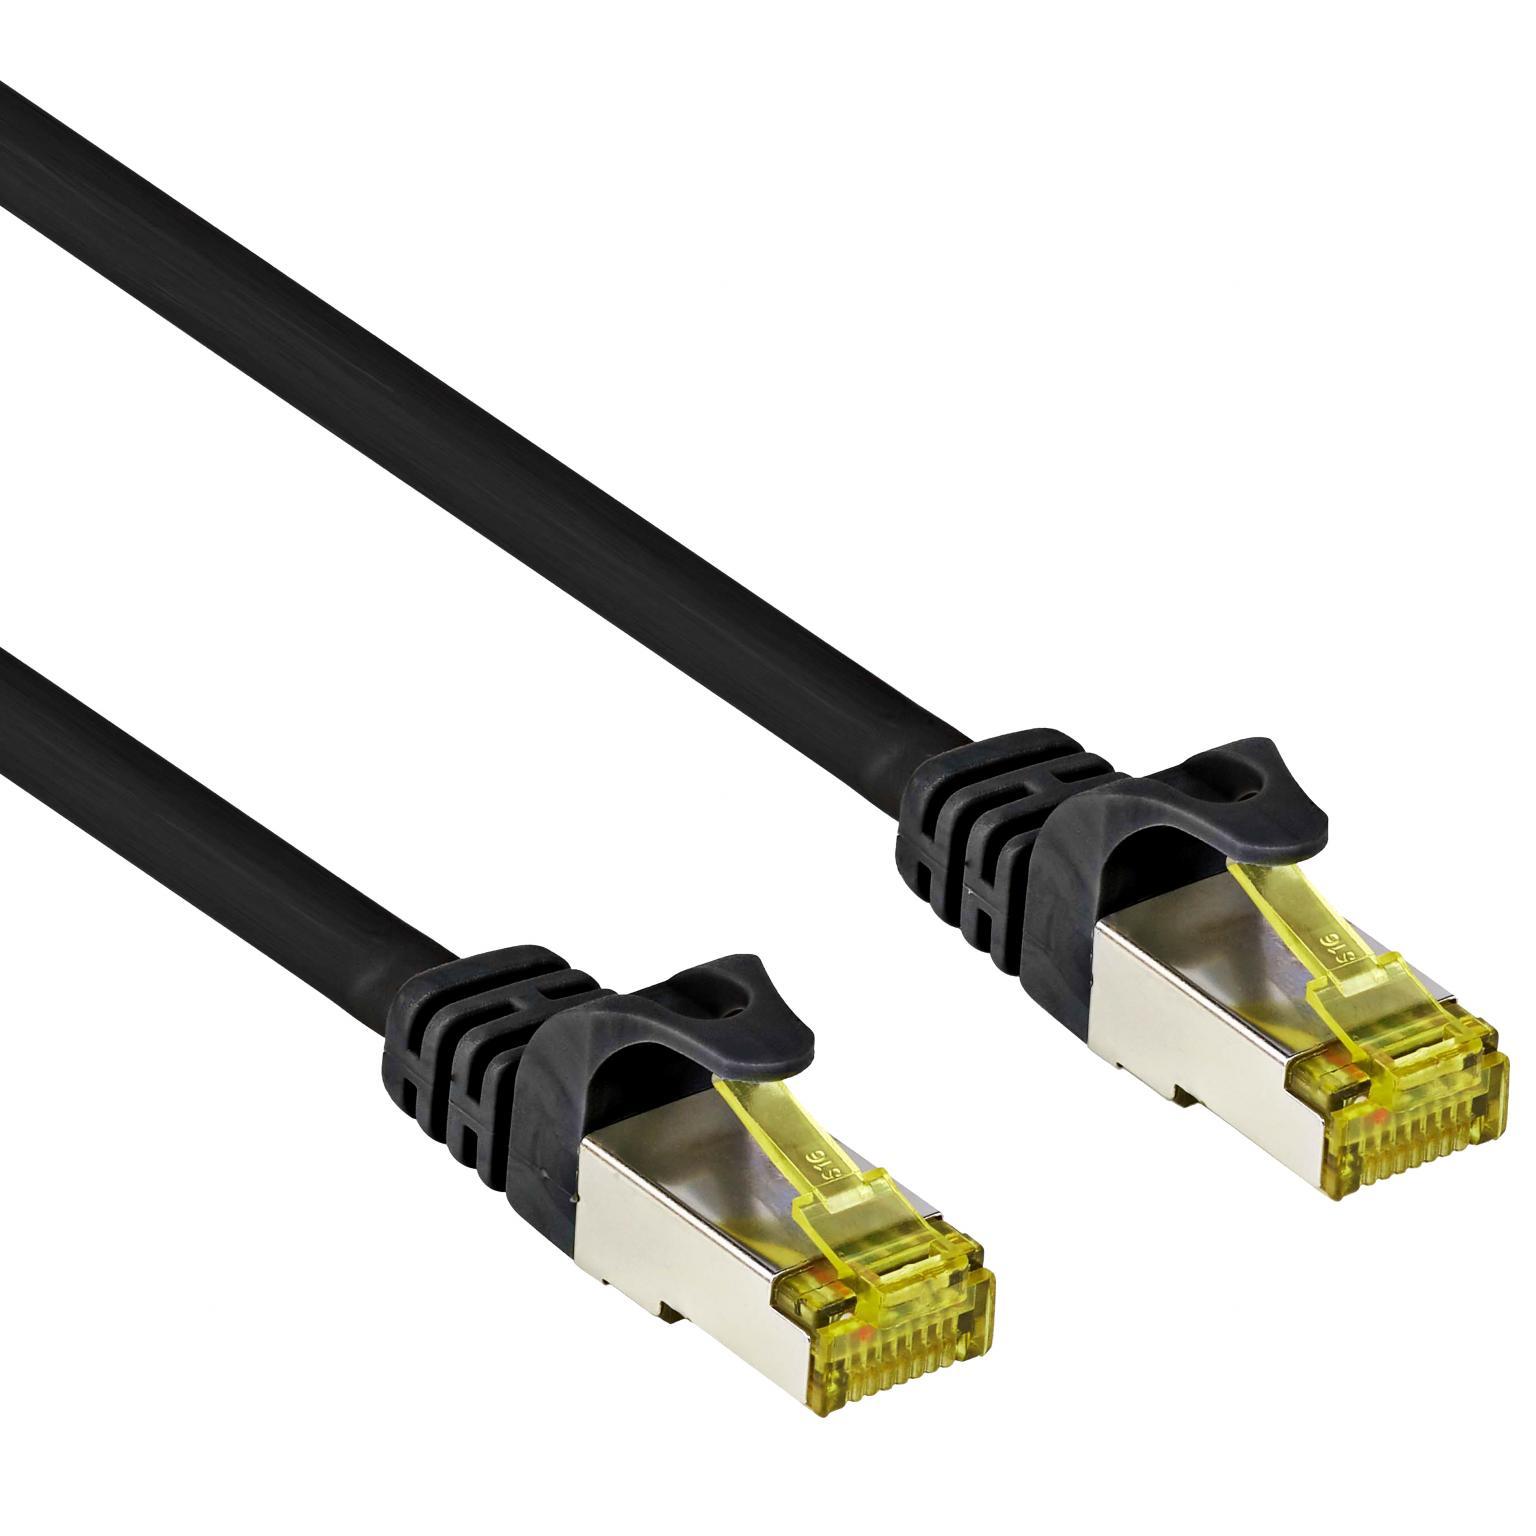 Image of Goobay RJ45 Netwerk Aansluitkabel CAT 7 S/FTP 30 m Zwart Snagless, Vergulde steekcontacten